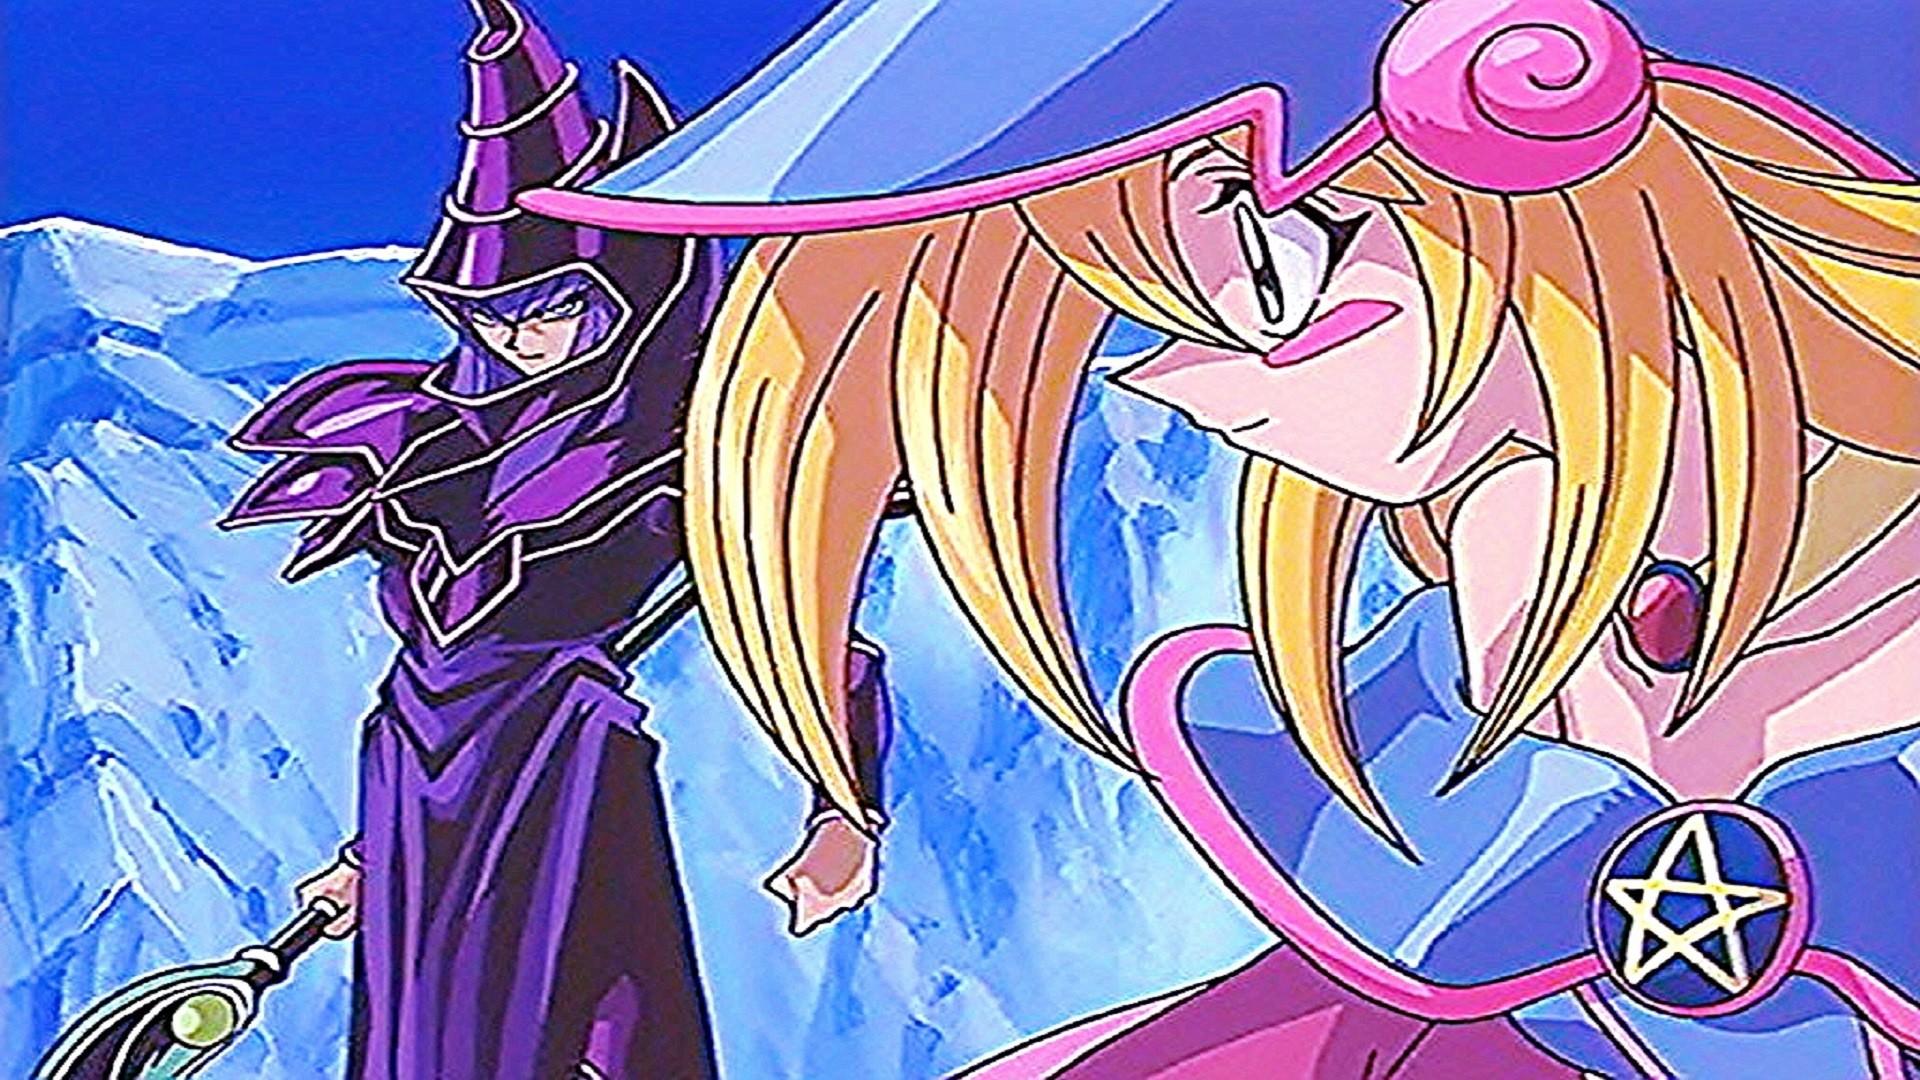 Yu Gi Oh Dark Magician Wallpaper 63 Images